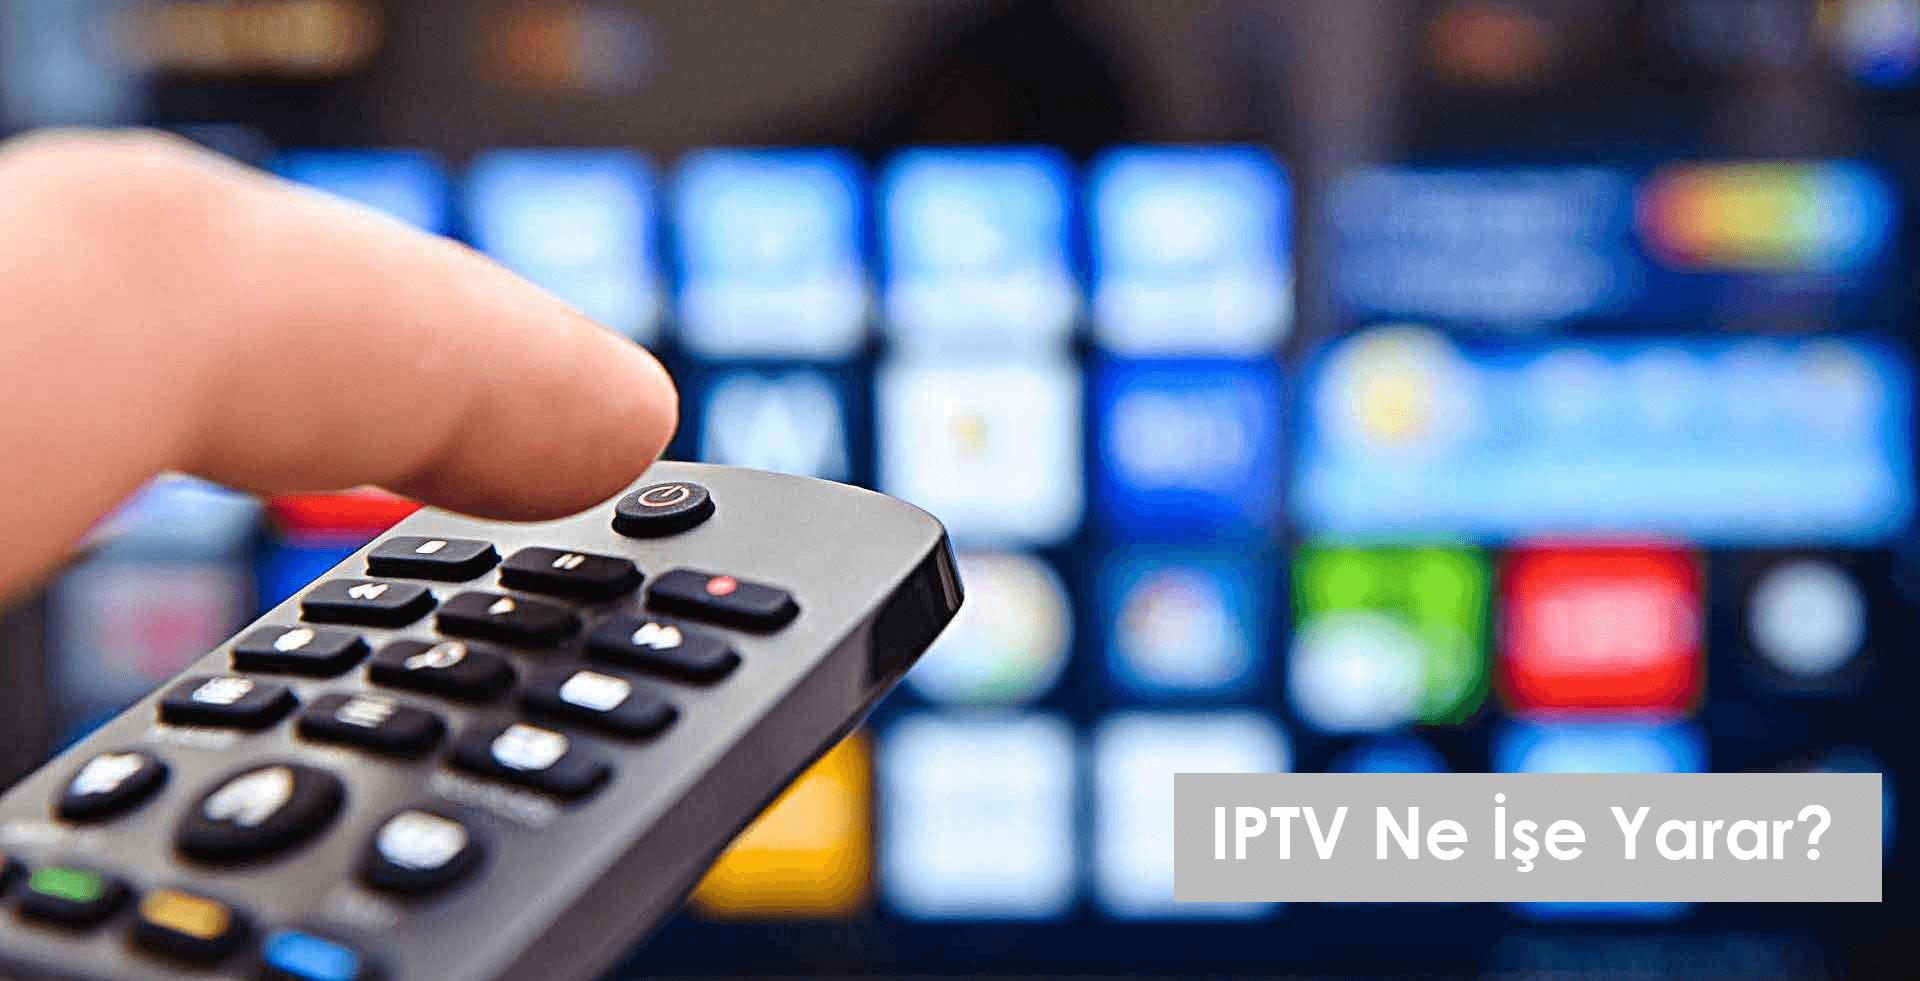 IPTV Ne İşe Yarar?